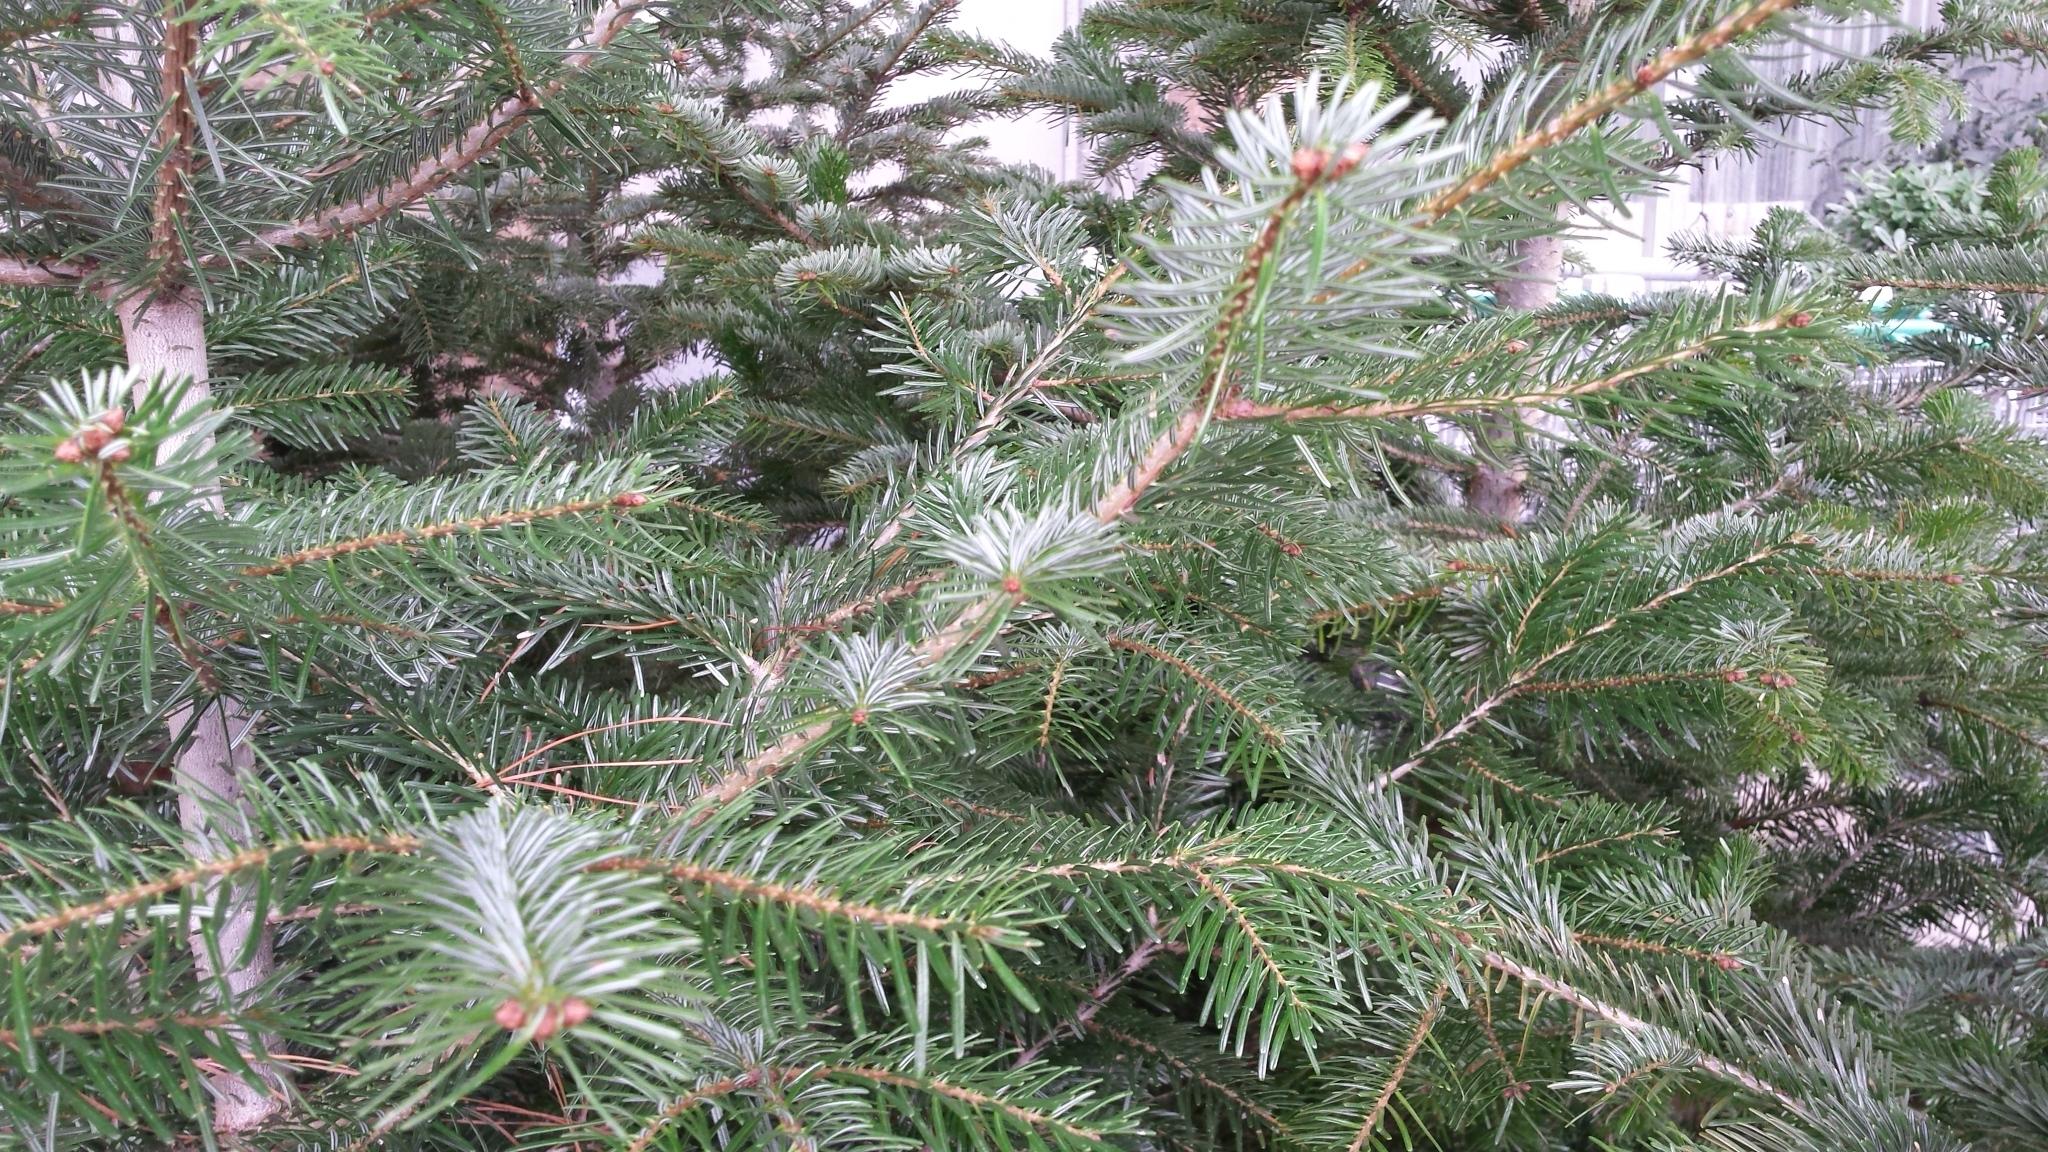 Como poner el arbol de navidad luces de navidad espiral - Como poner el arbol de navidad ...